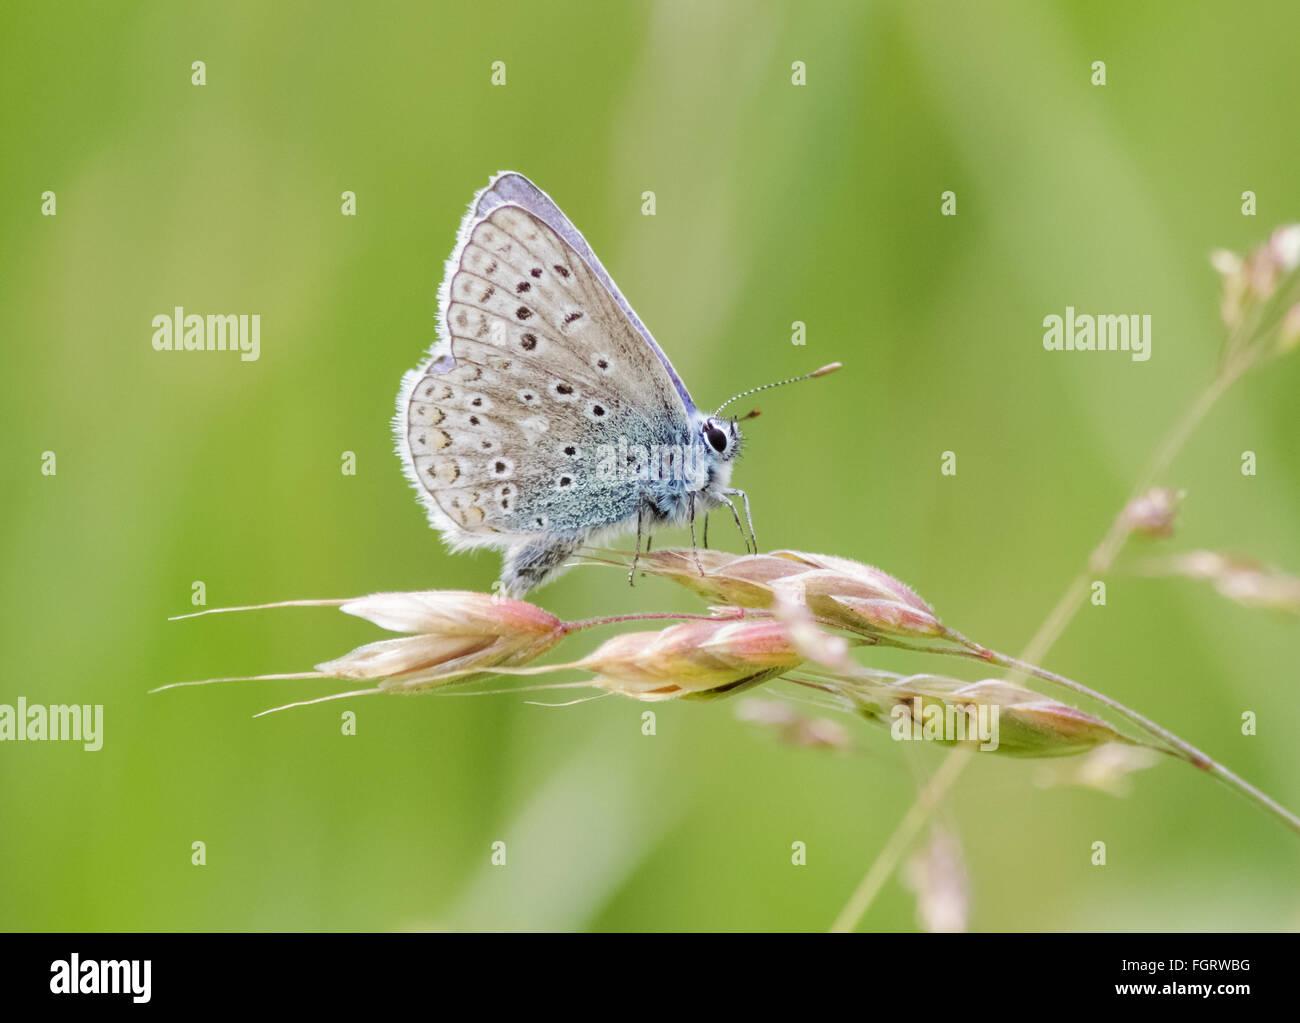 Papillon Bleu commun mâle (Polyommatus icarus) perché sur une tige d'herbe. Photo Stock